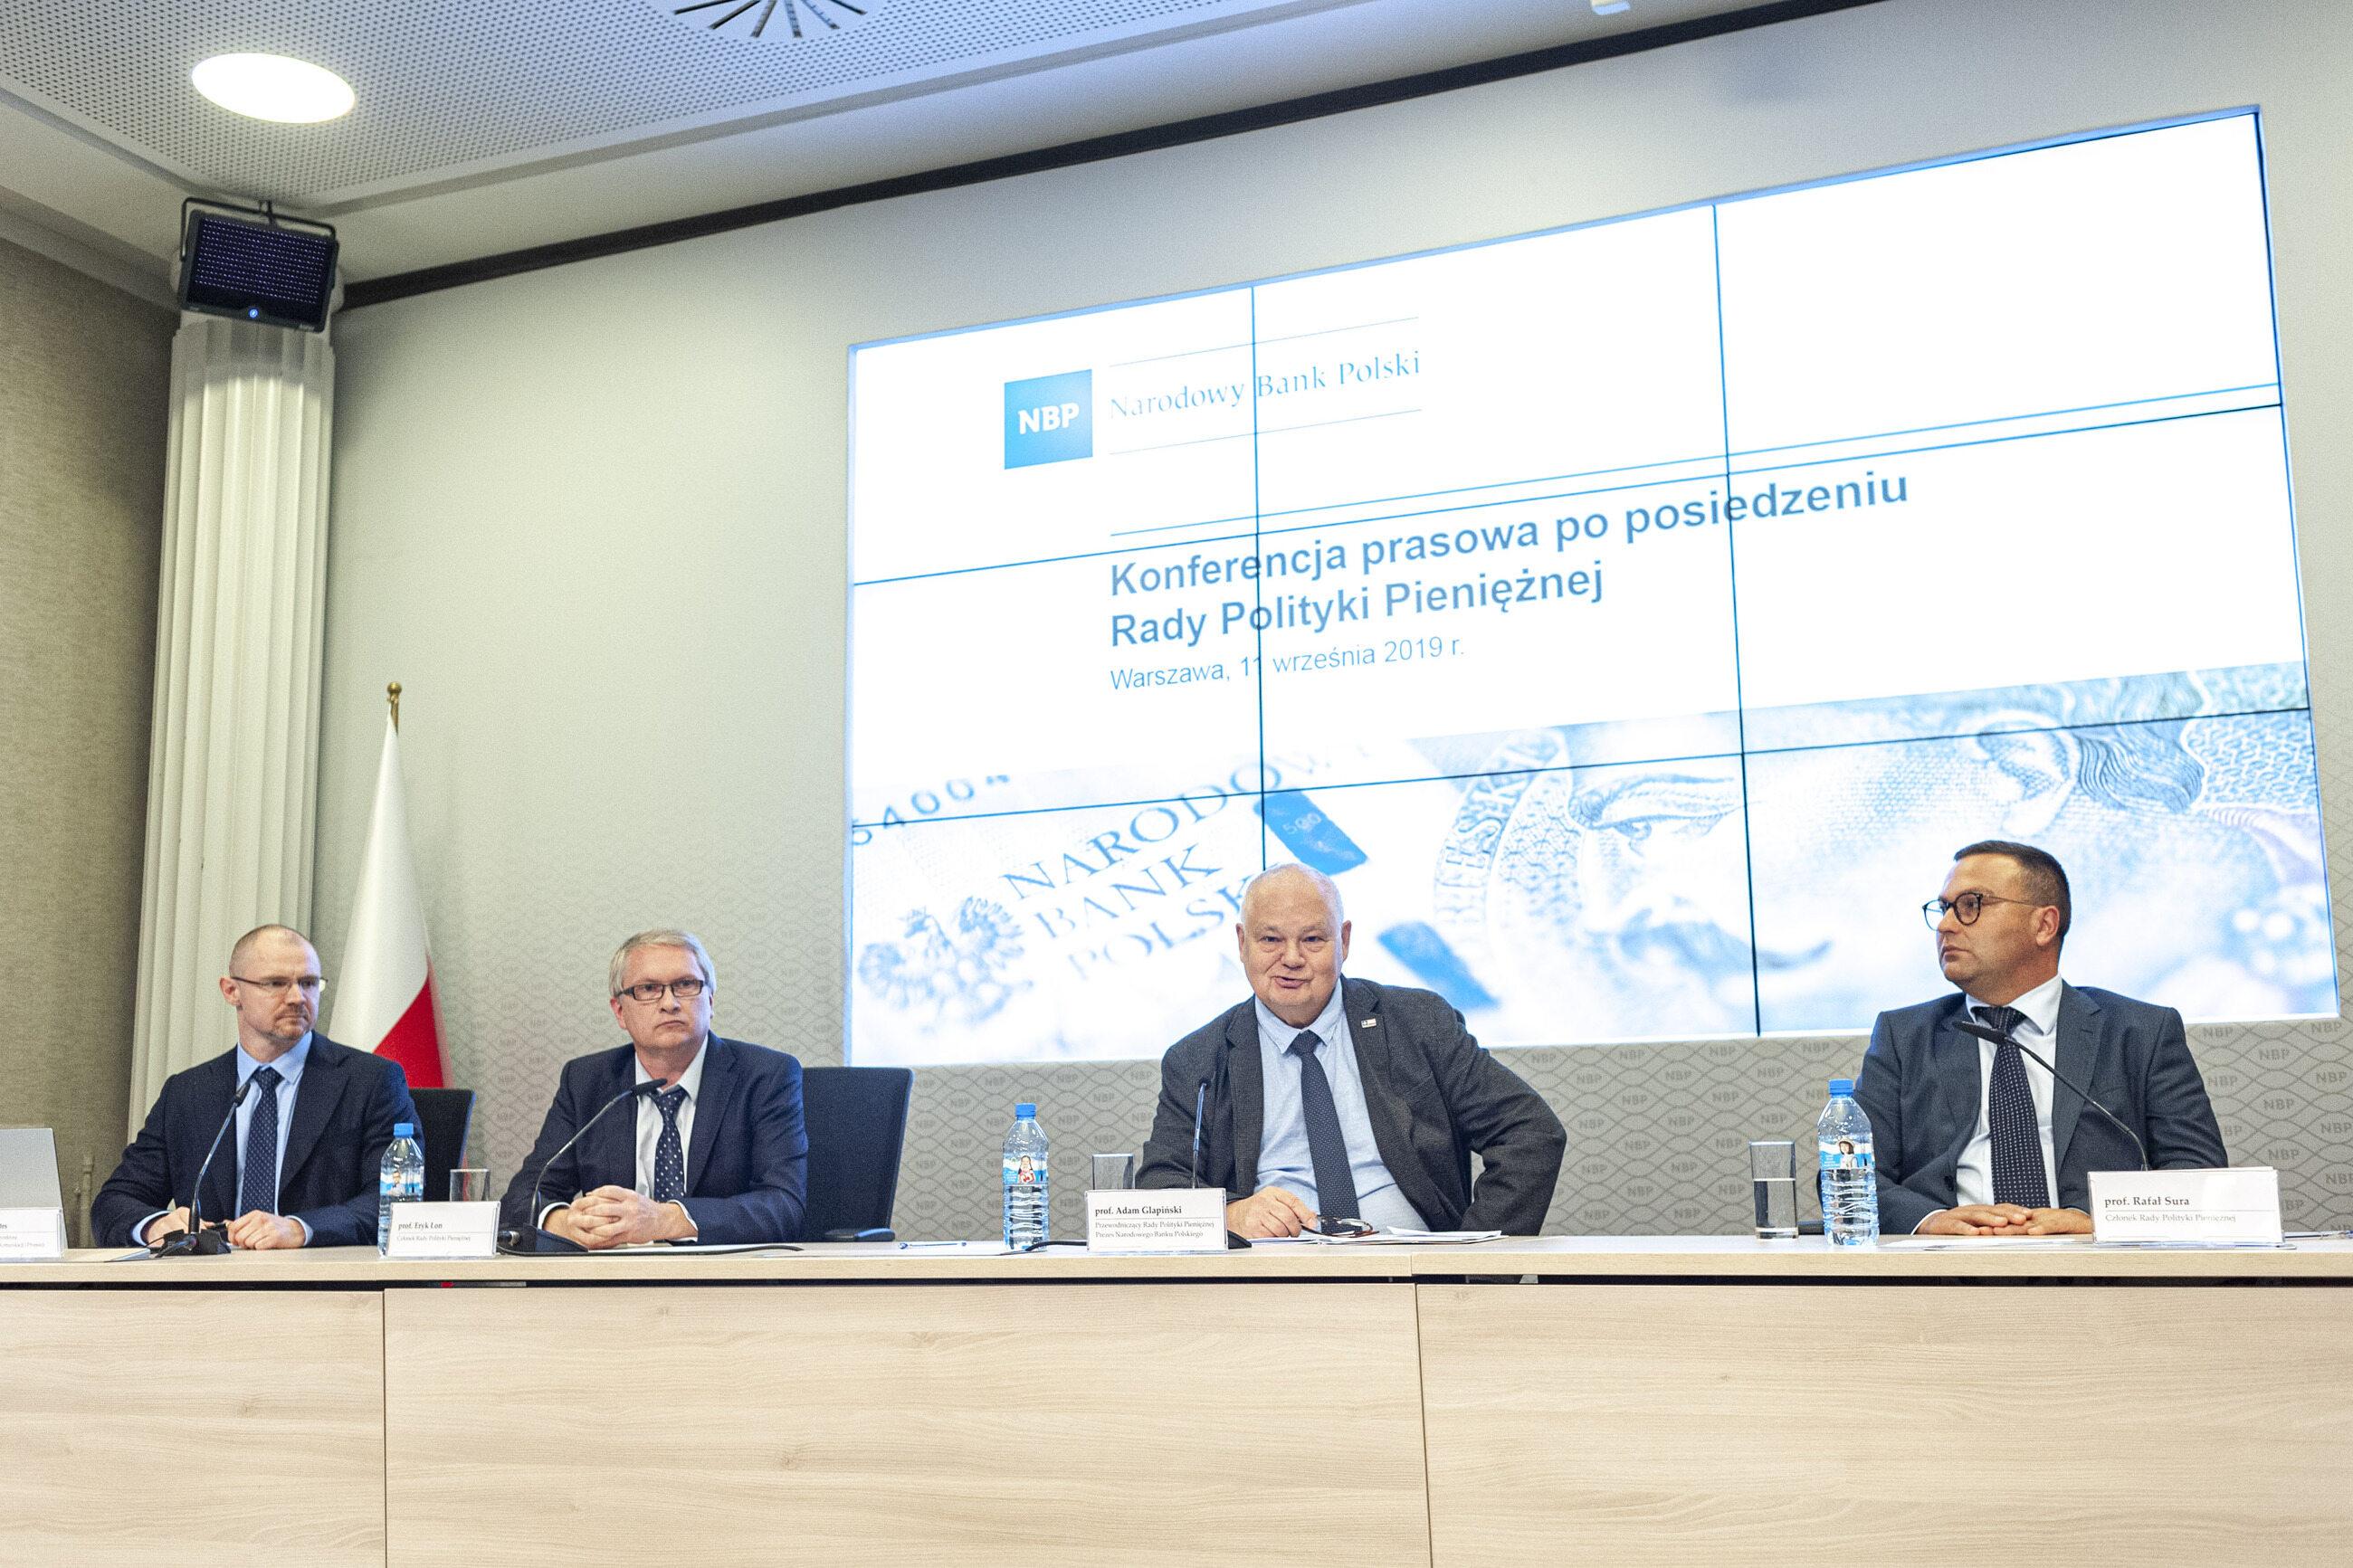 Konferencja po posiedzeniu Rady Polityki Pieniężnej w 2019 roku